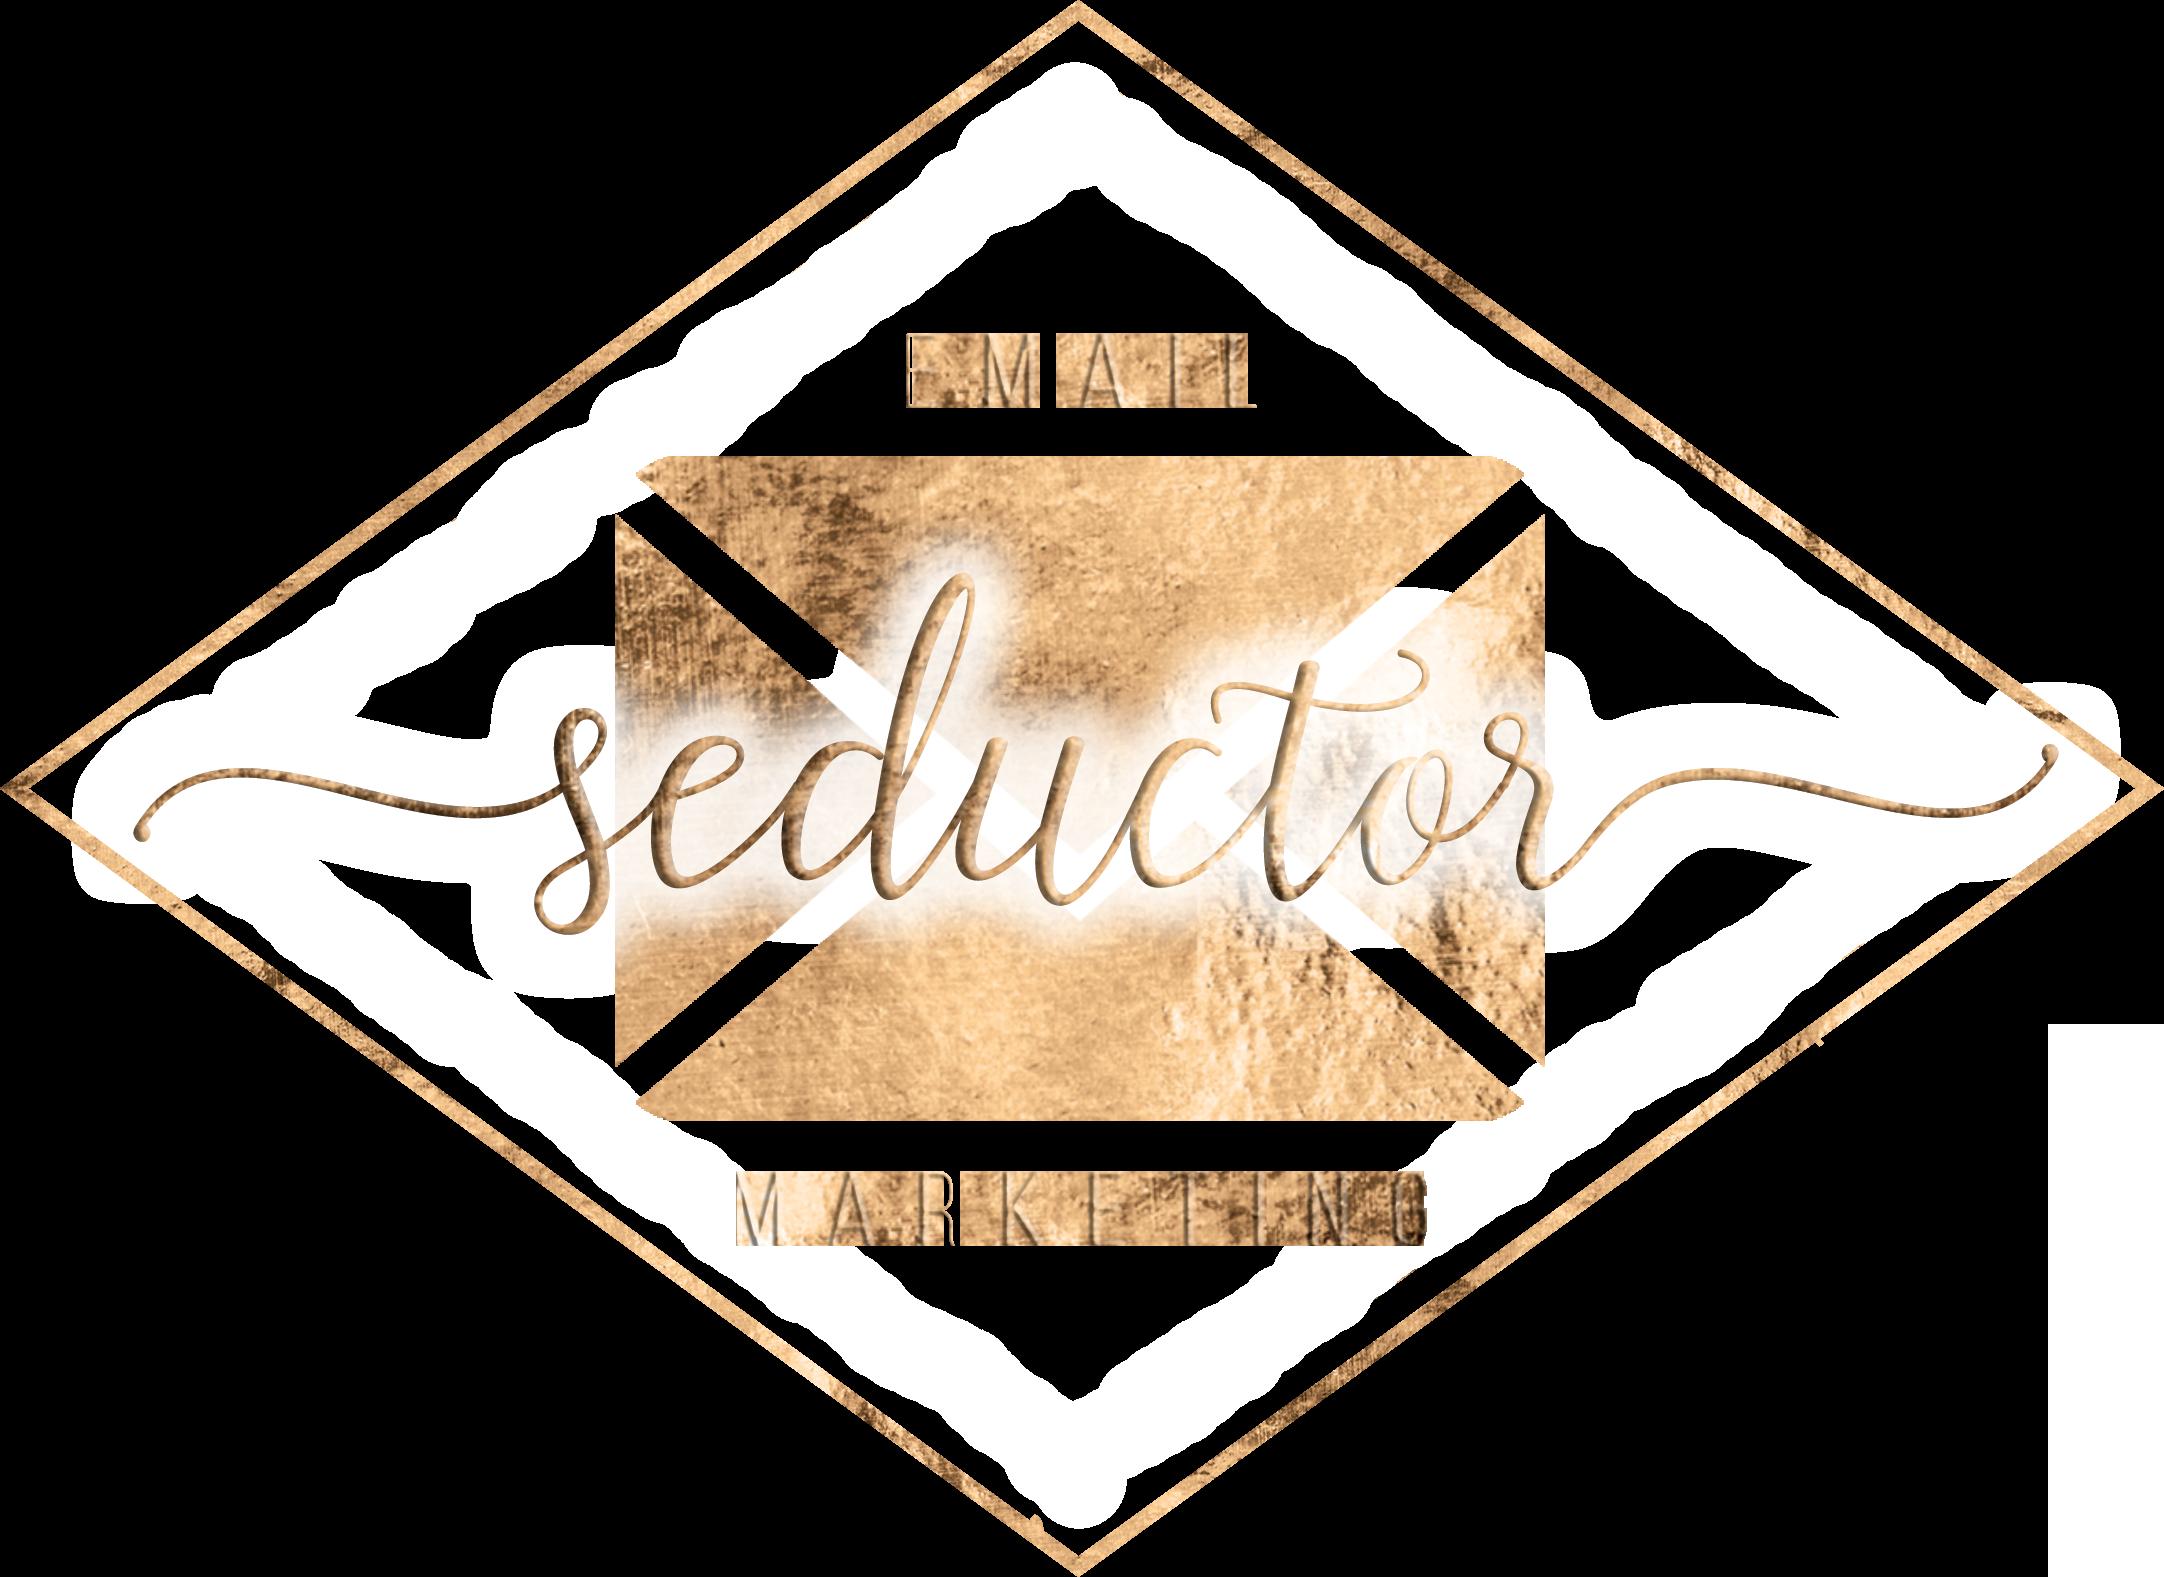 Email Marketing Seductor Ximena de la Serna